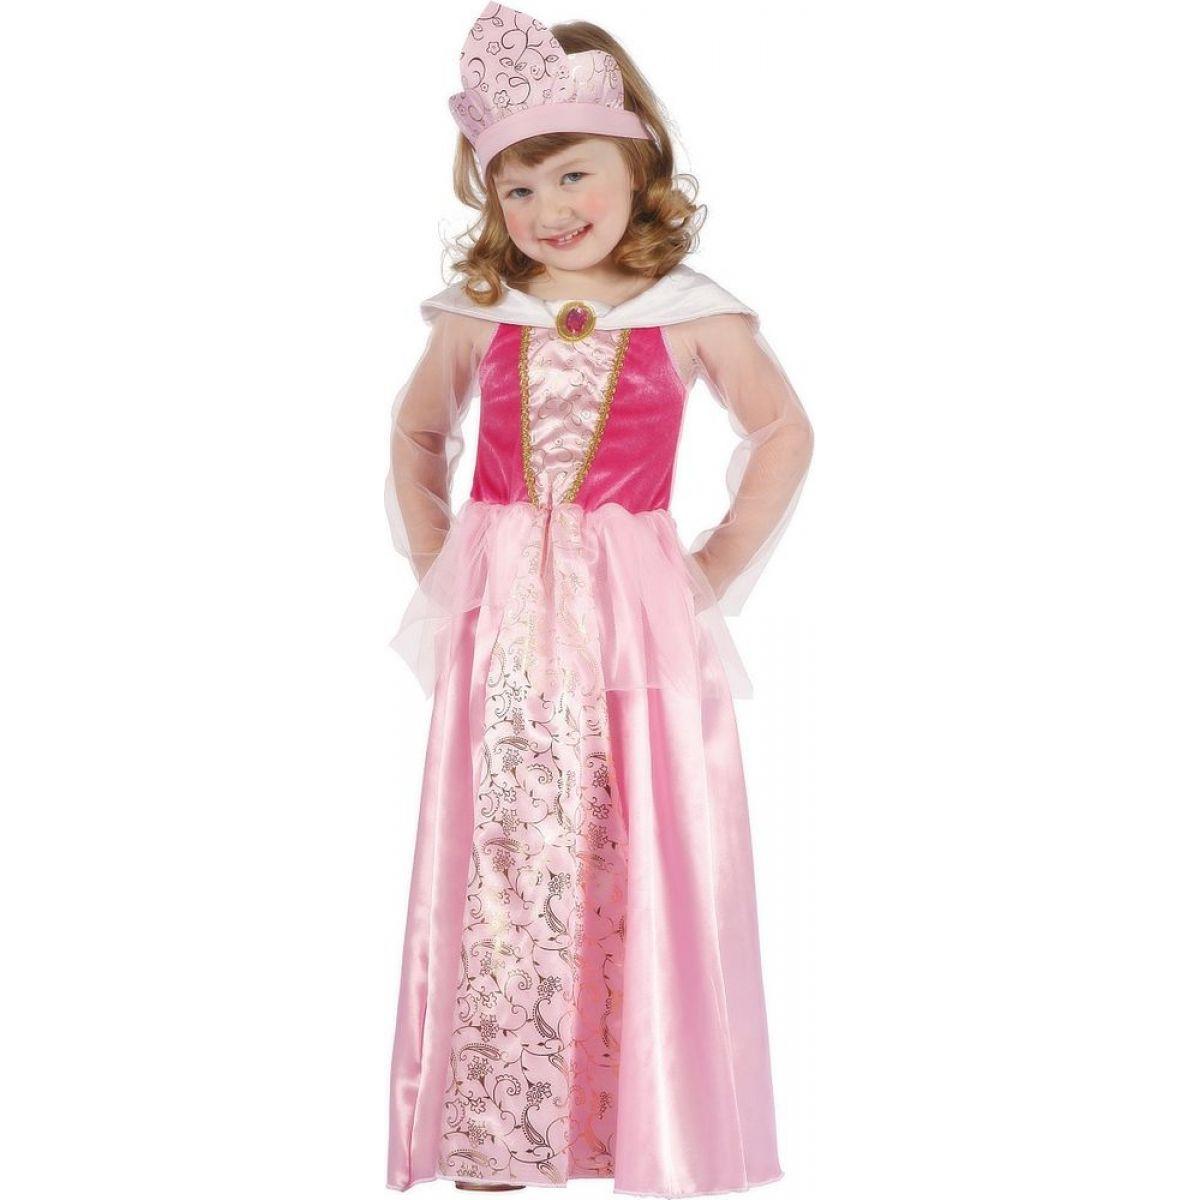 Made Detský kostým Ruženka 92-104cm